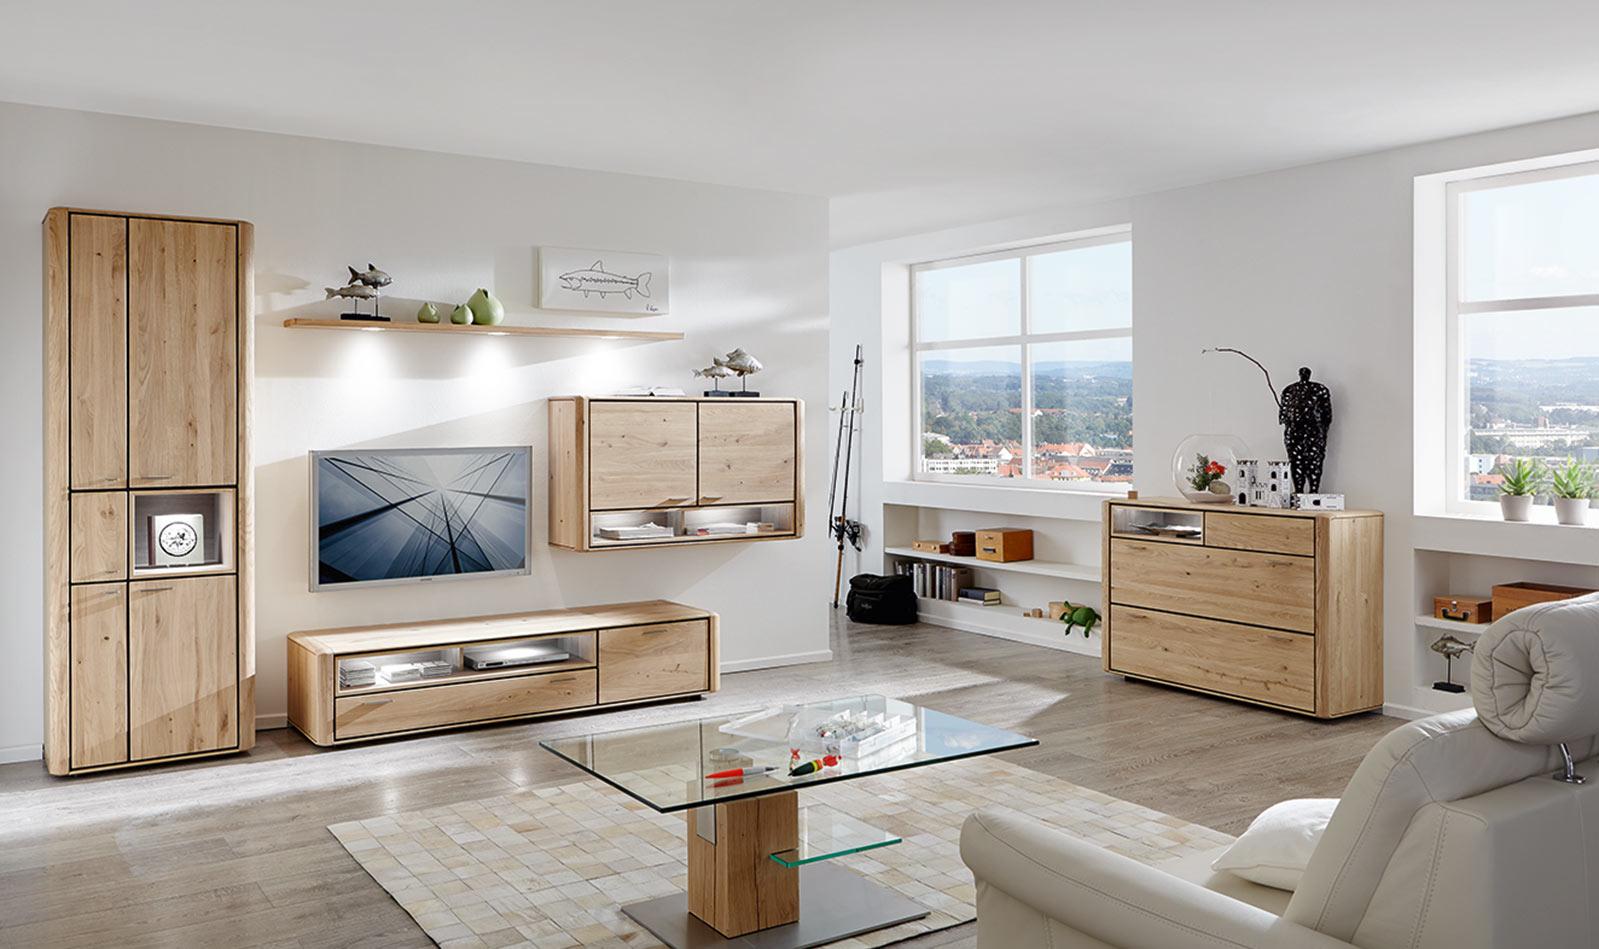 Wohnzimmer - Programme - emilio - Venjakob Möbel - Vorsprung durch ...